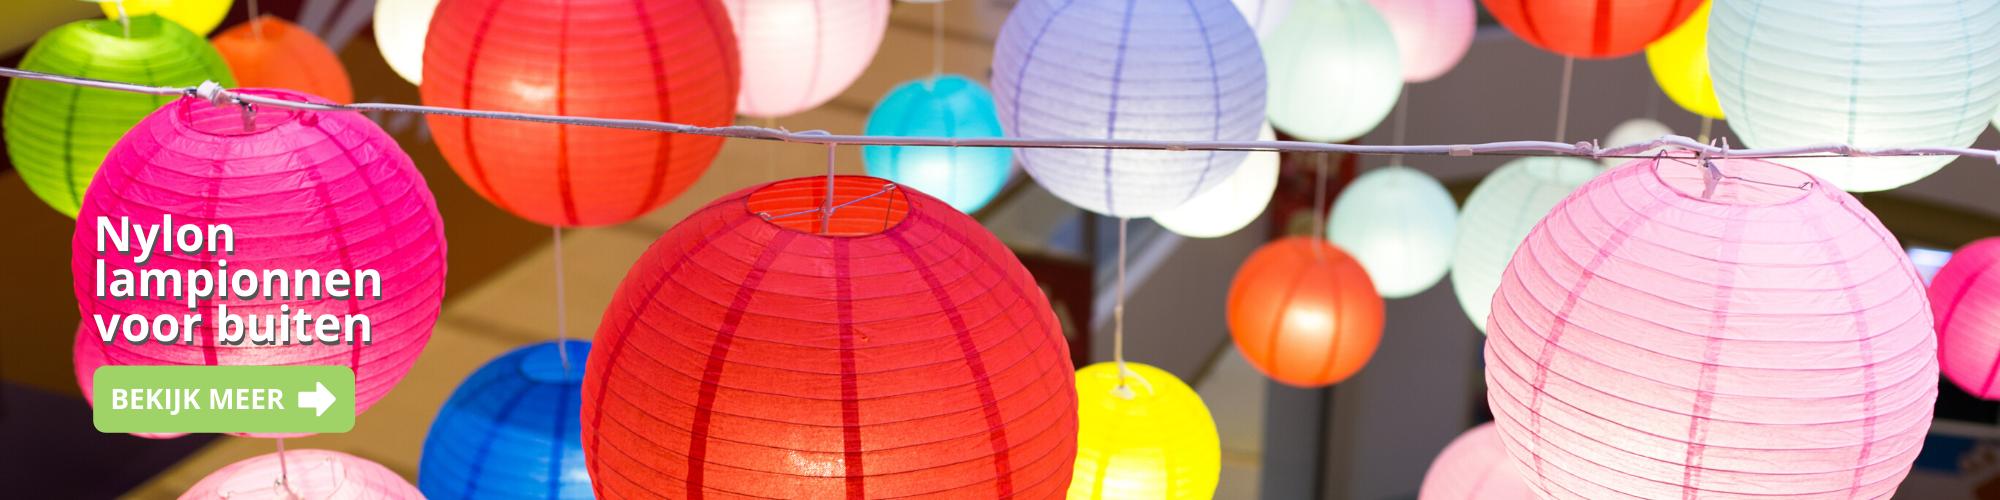 Gekleurde lampionnen kopen van papier banner 1